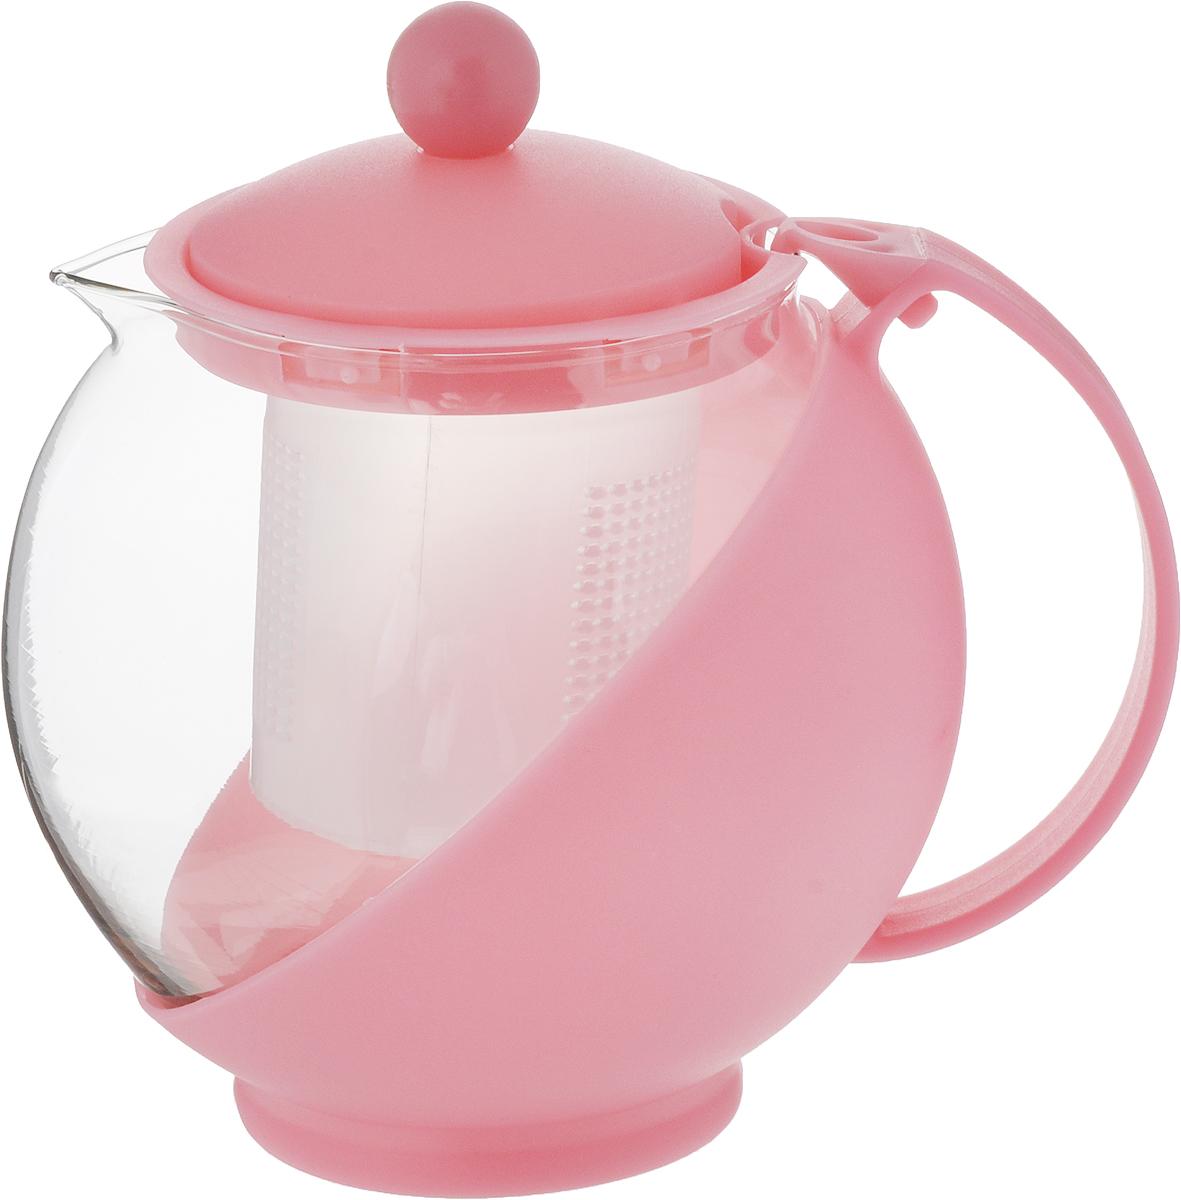 Чайник заварочный Wellberg Aqual, с фильтром, цвет: прозрачный, розовый, 750 мл68/5/4Заварочный чайник Wellberg Aqual изготовлен из высококачественного пластика и жаропрочного стекла. Чайник имеет пластиковый фильтр и оснащен удобной ручкой. Он прекрасно подойдет для заваривания чая и травяных напитков. Такой заварочный чайник займет достойное место на вашей кухне.Высота чайника (без учета крышки): 11,5 см.Высота чайника (с учетом крышки): 14 см. Диаметр (по верхнему краю) 7 см.